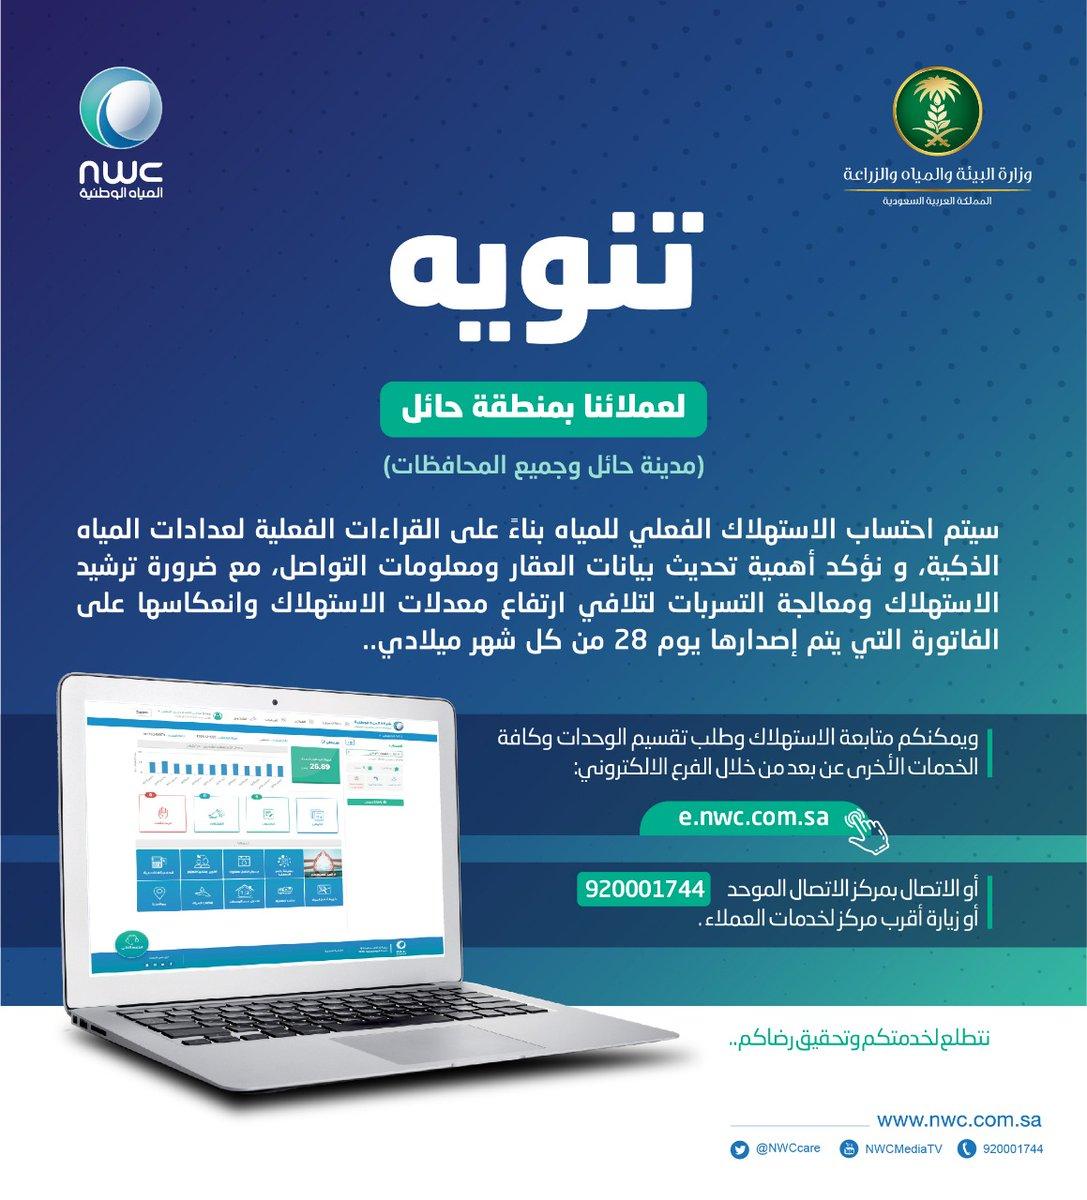 موقع شركة المياه الوطنية